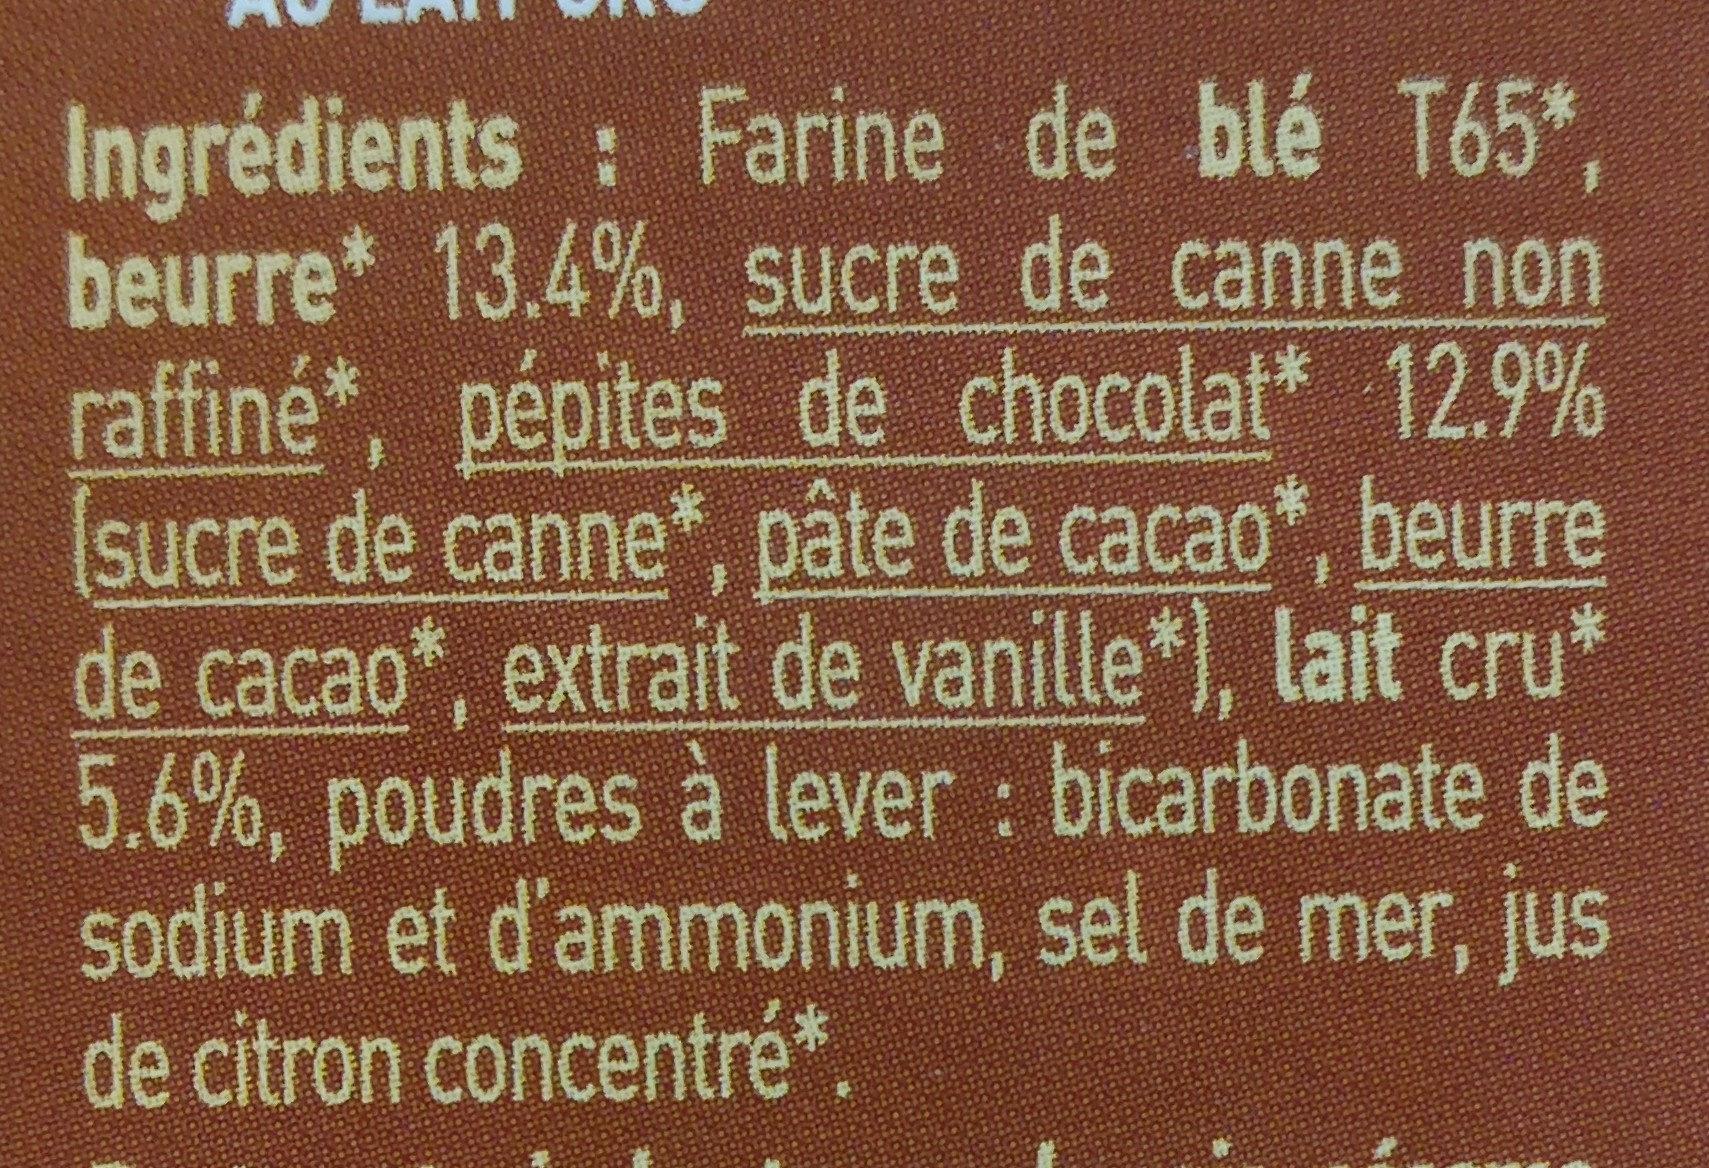 P'tit Beurre Pépites de Chocolat bio - Ingredients